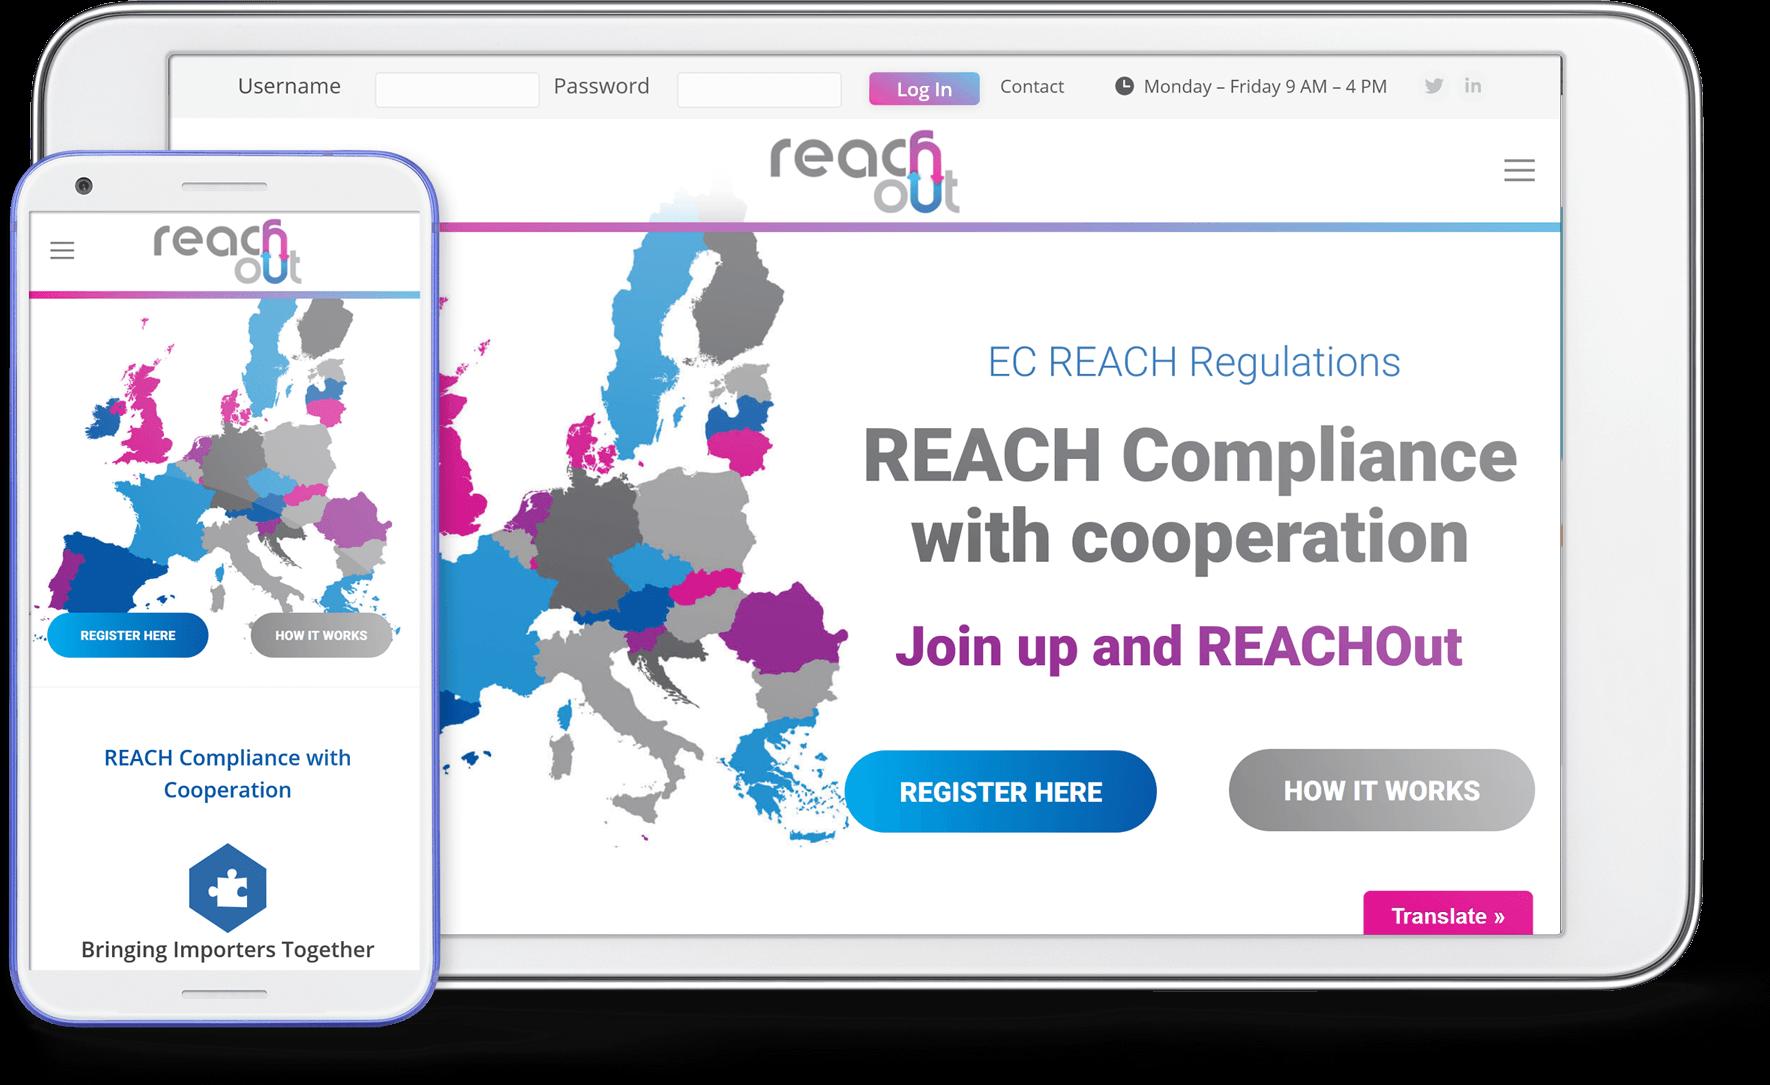 reachout mobile screen shot